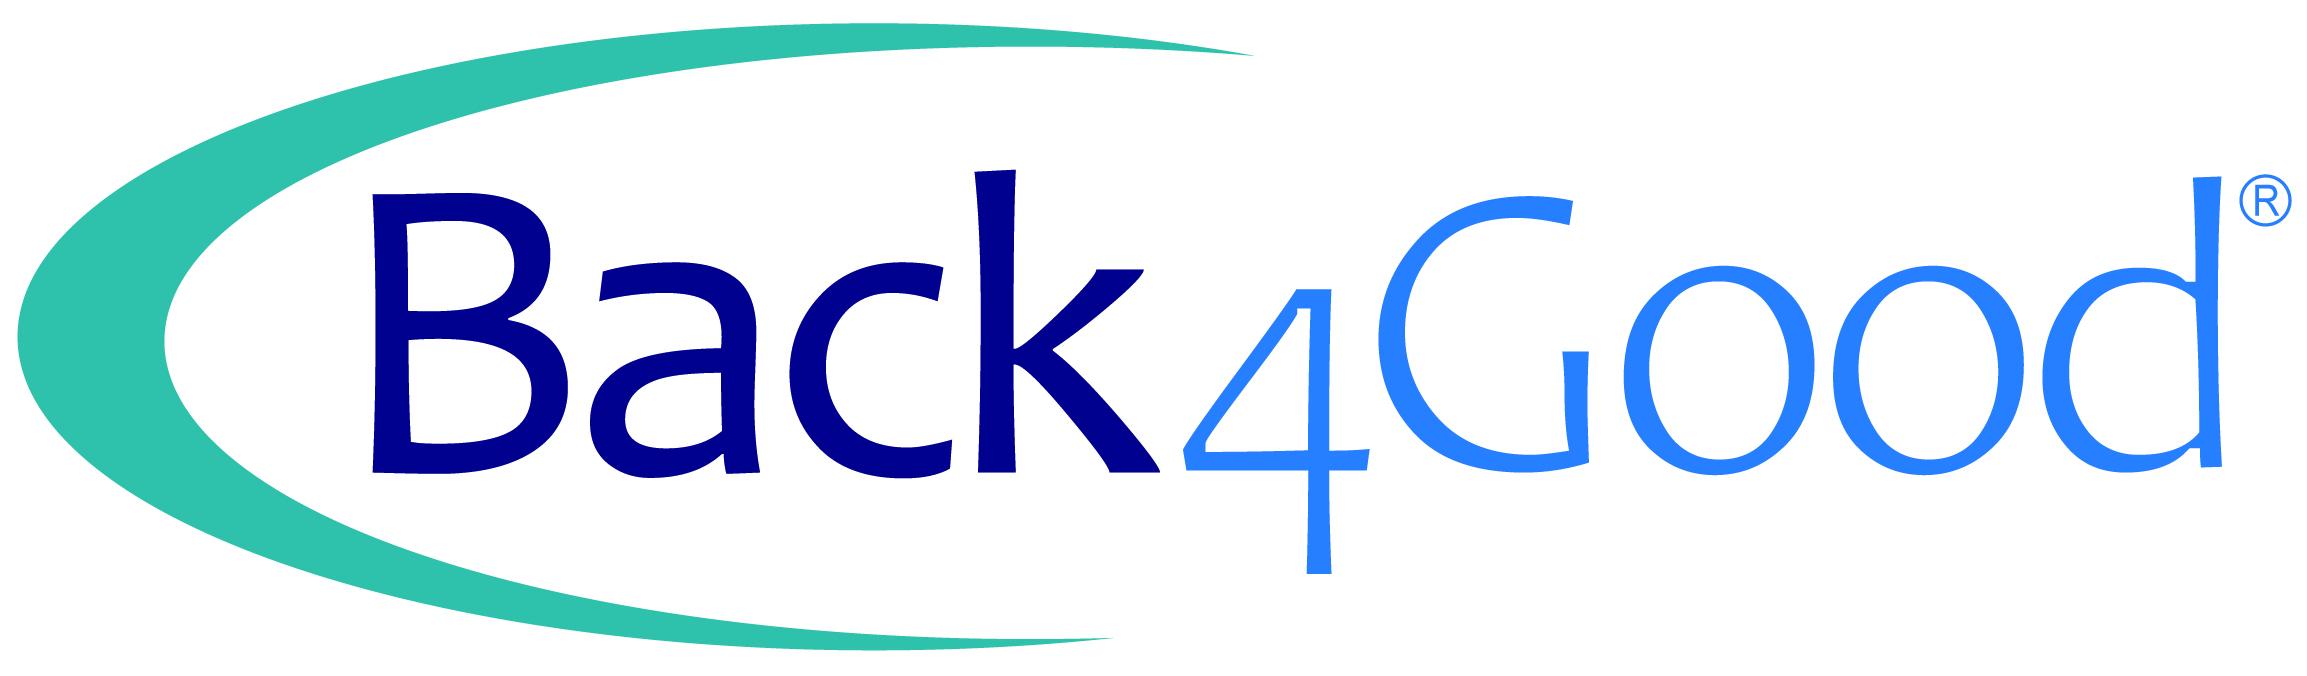 Logo Back4Good.jpg